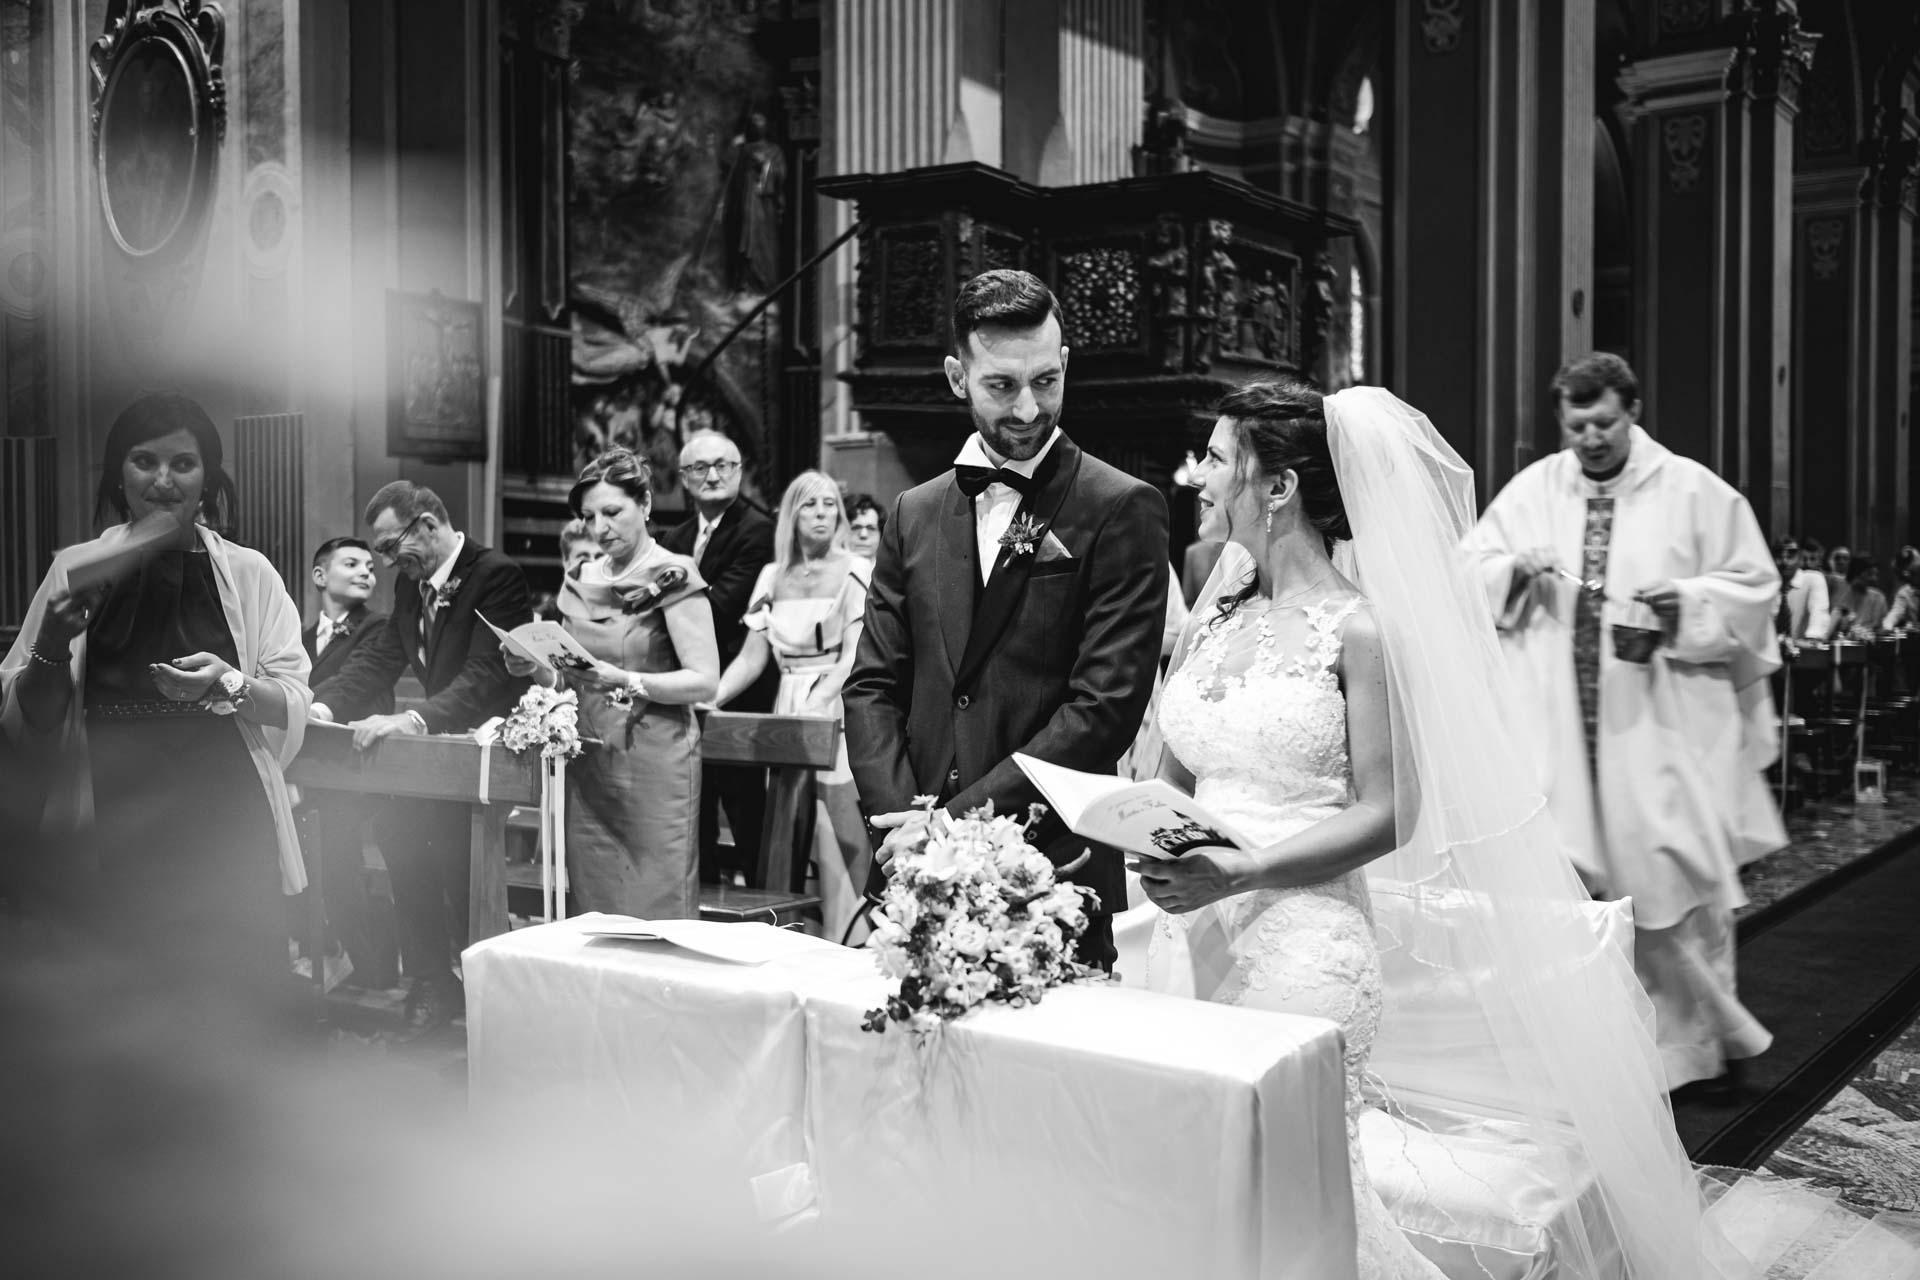 chiesa matrimonio interno sposi invitati bianco e nero